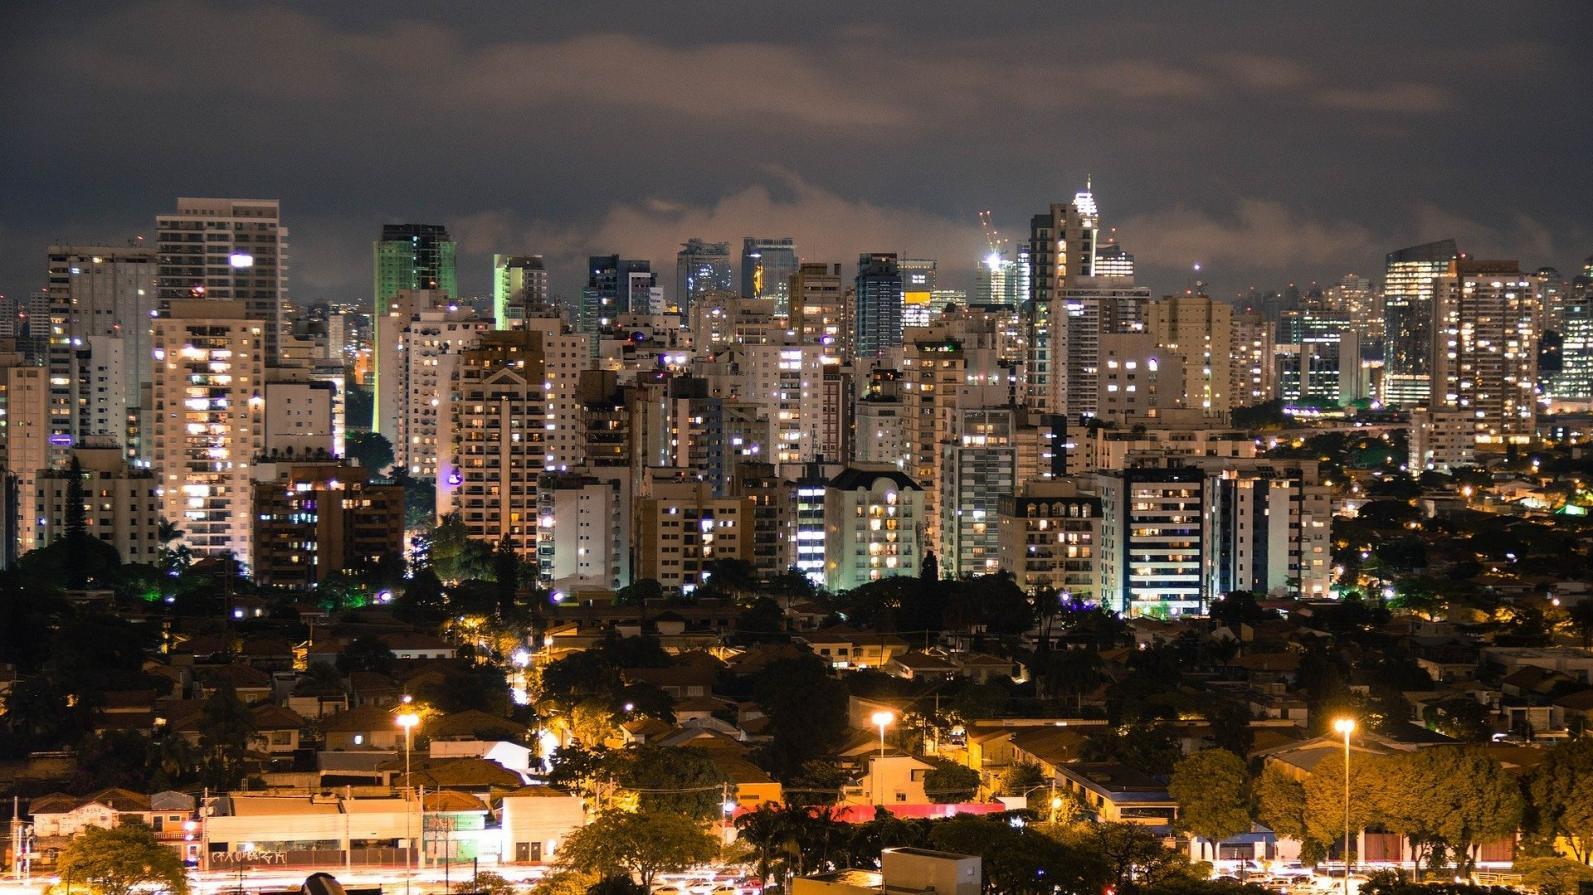 Isolamento social em São Paulo é de 51%, aponta Sistema de Monitoramento Inteligente